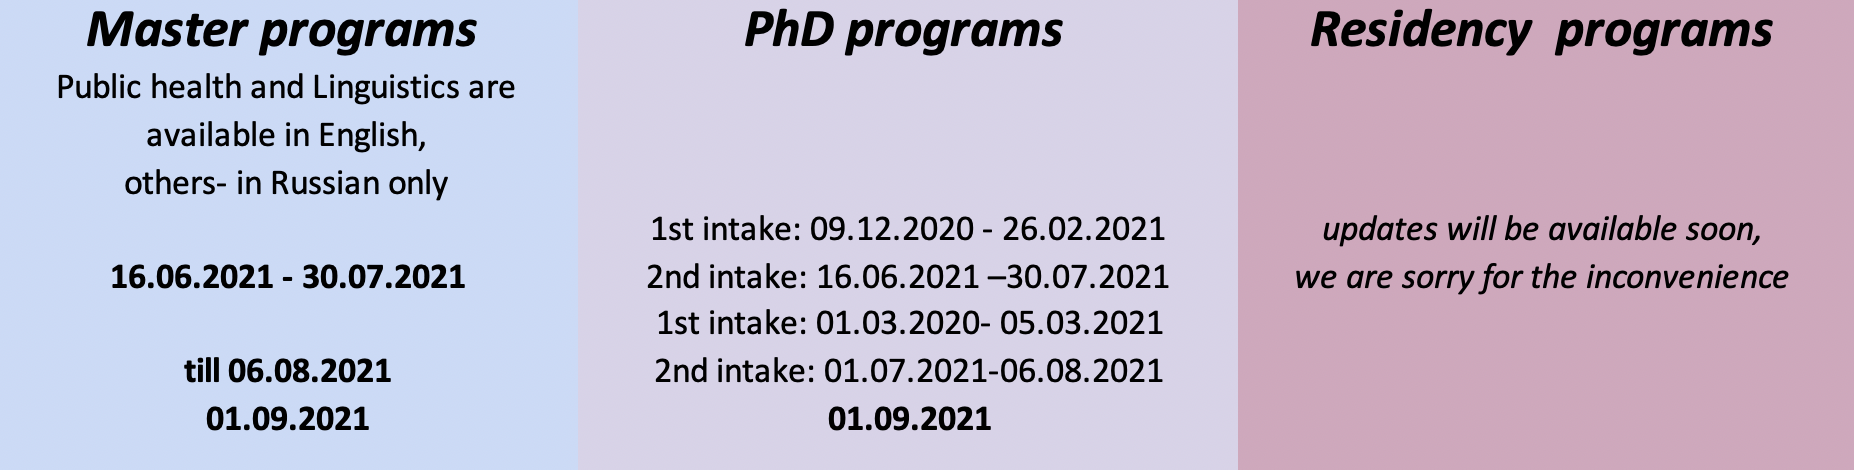 Screenshot 2020-12-16 at 22.41.34.png